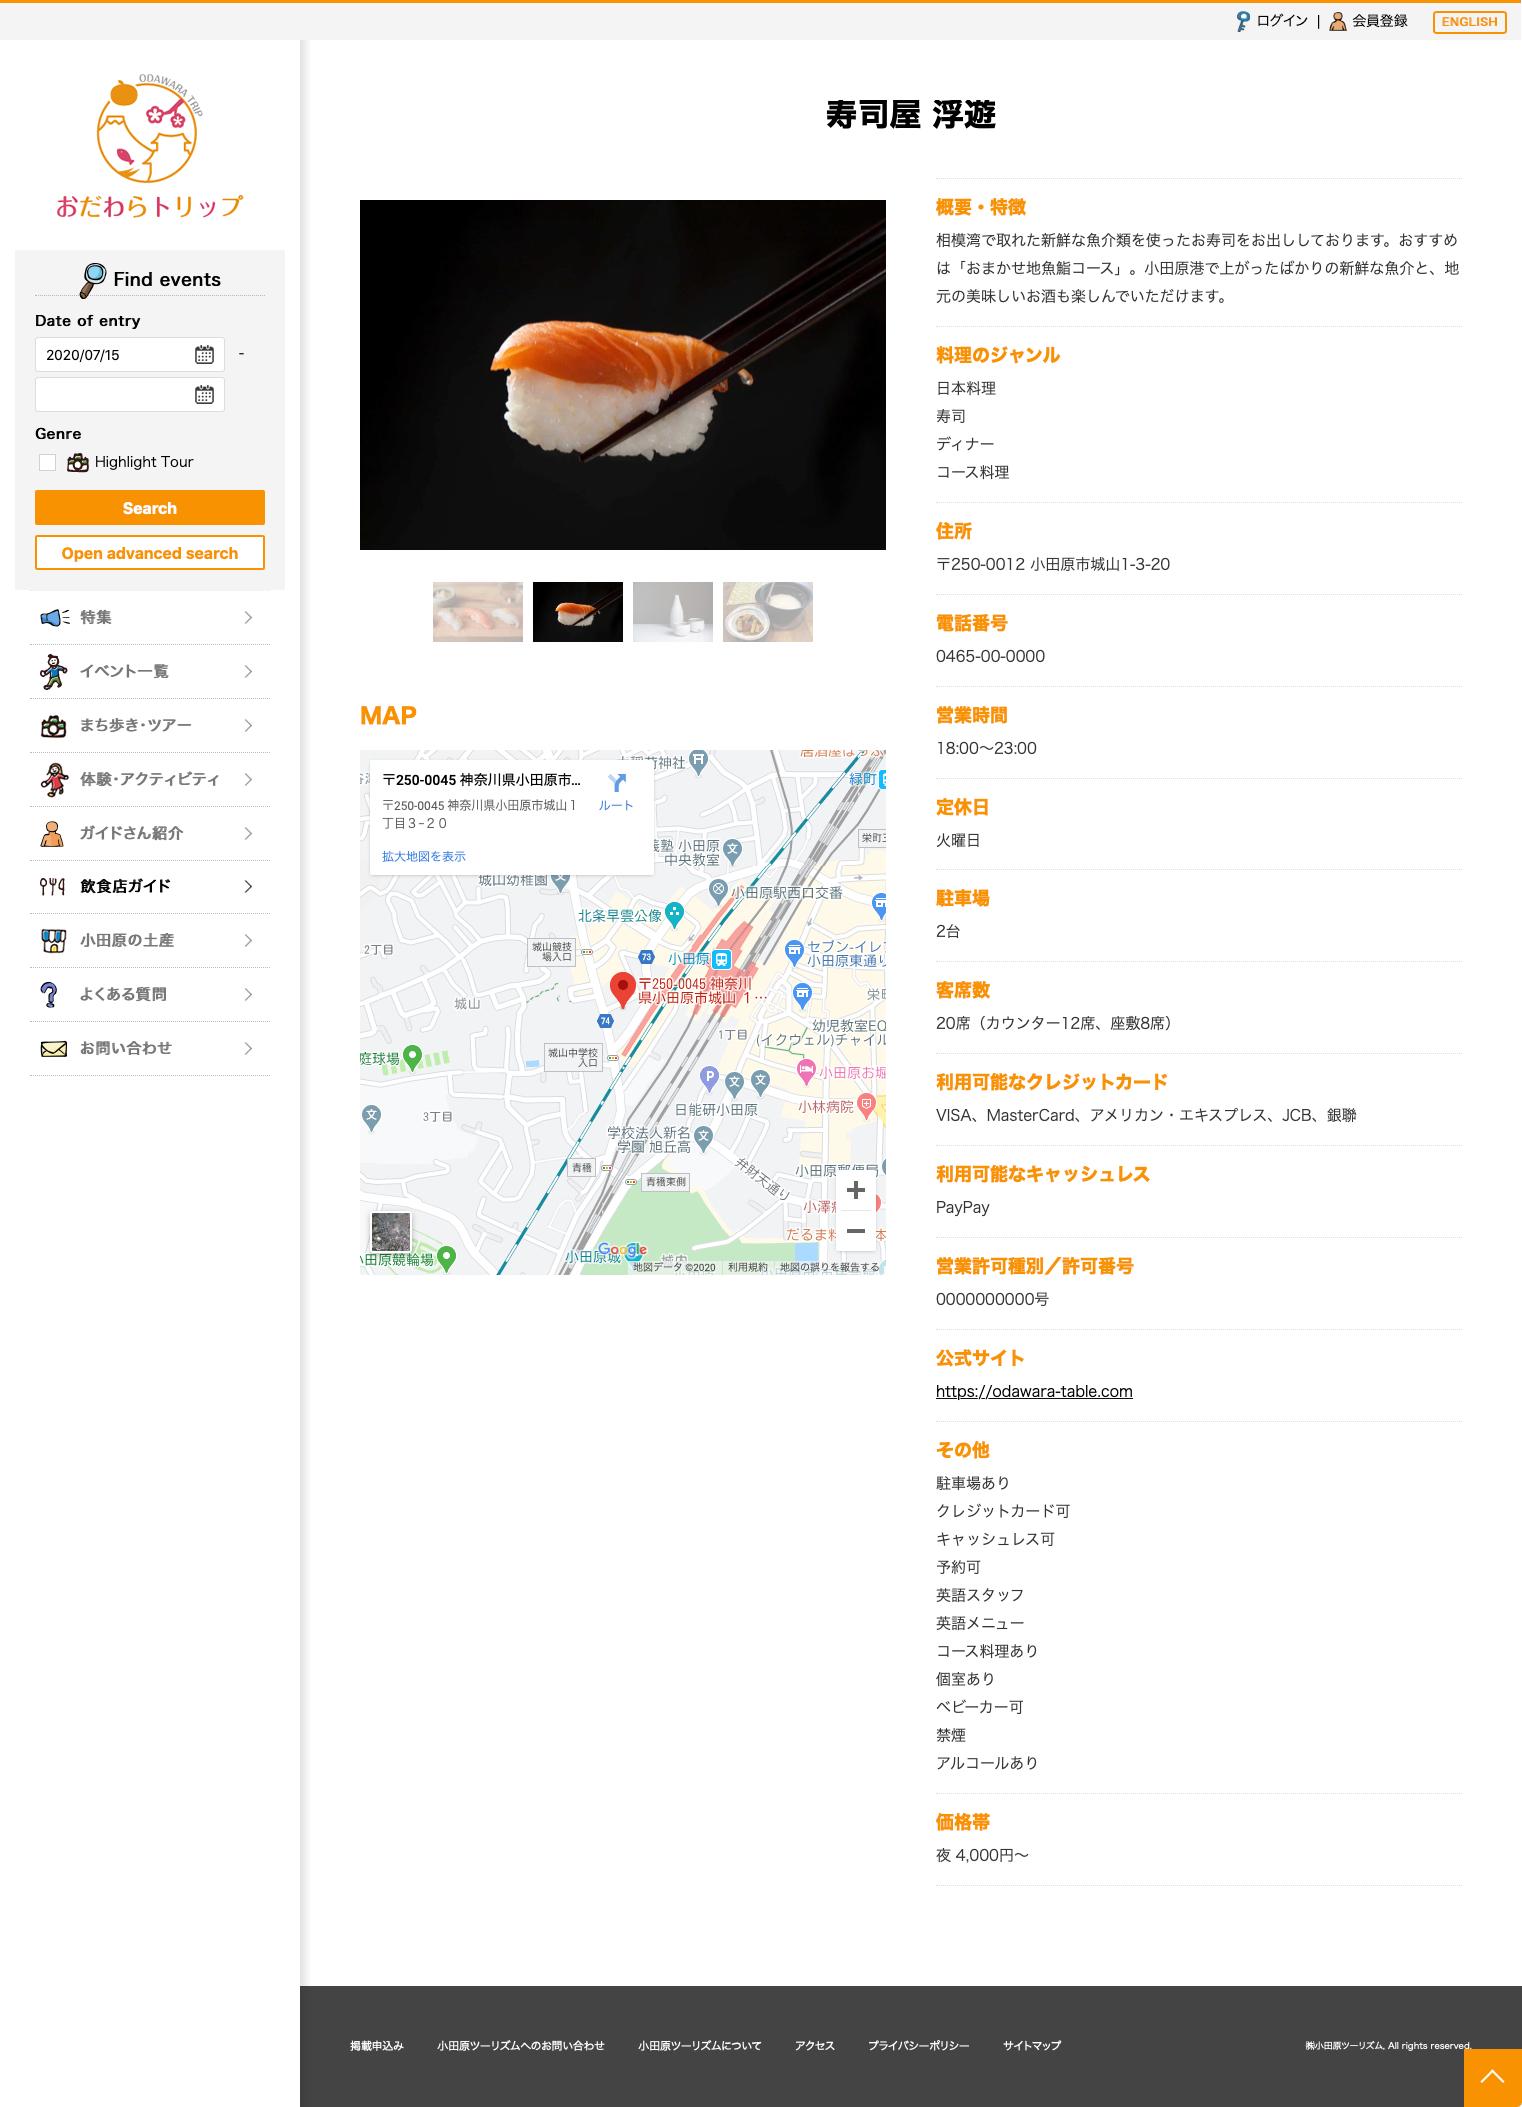 飲食店ガイド詳細ページサムネイル画像